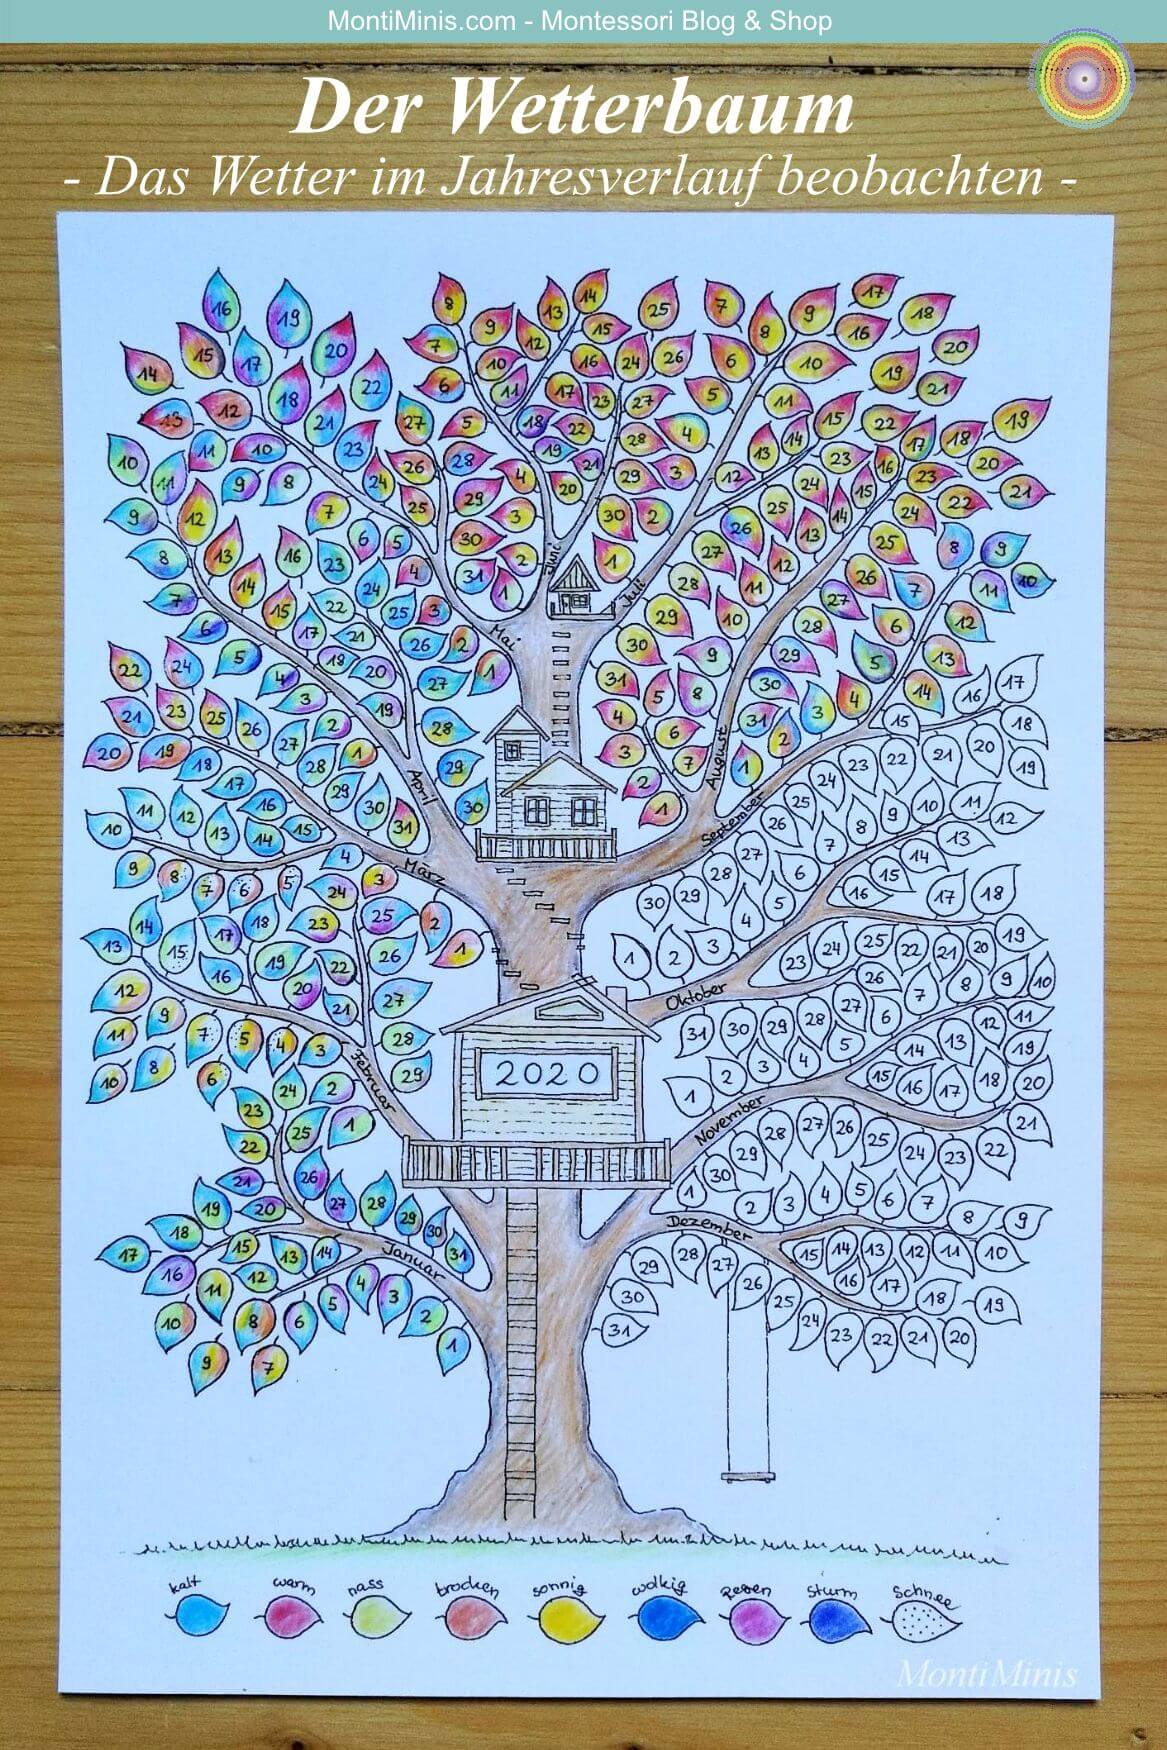 Wetterbaum - Baumkalender: Wetterbeaobchtung, Wetter mit Kindern beobachten, Achtsamkeit mit Kindern, Waldorf, Montessori Zuhause, Nachhaltigkeit mit Kindern, Montessori Blog MontiMinis